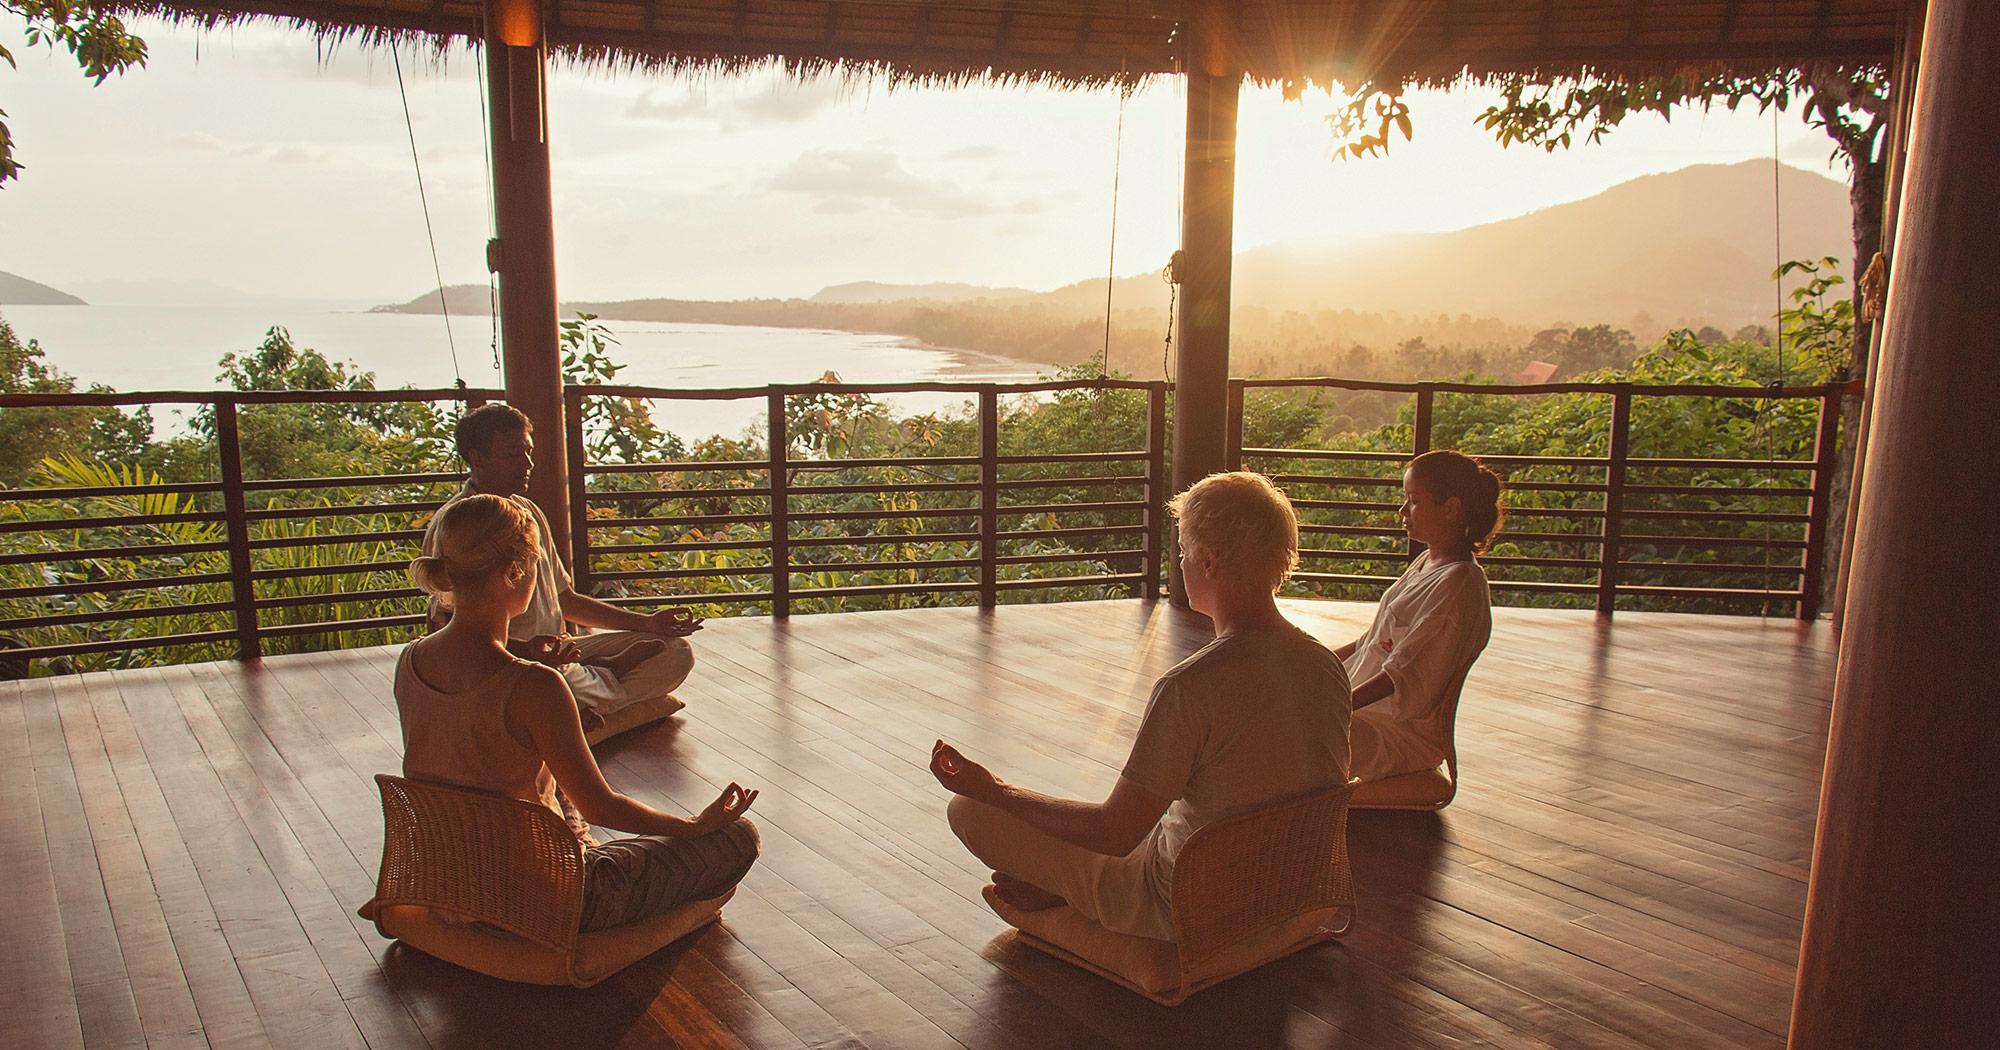 Group of people meditating at Kamalaya Detox Spa